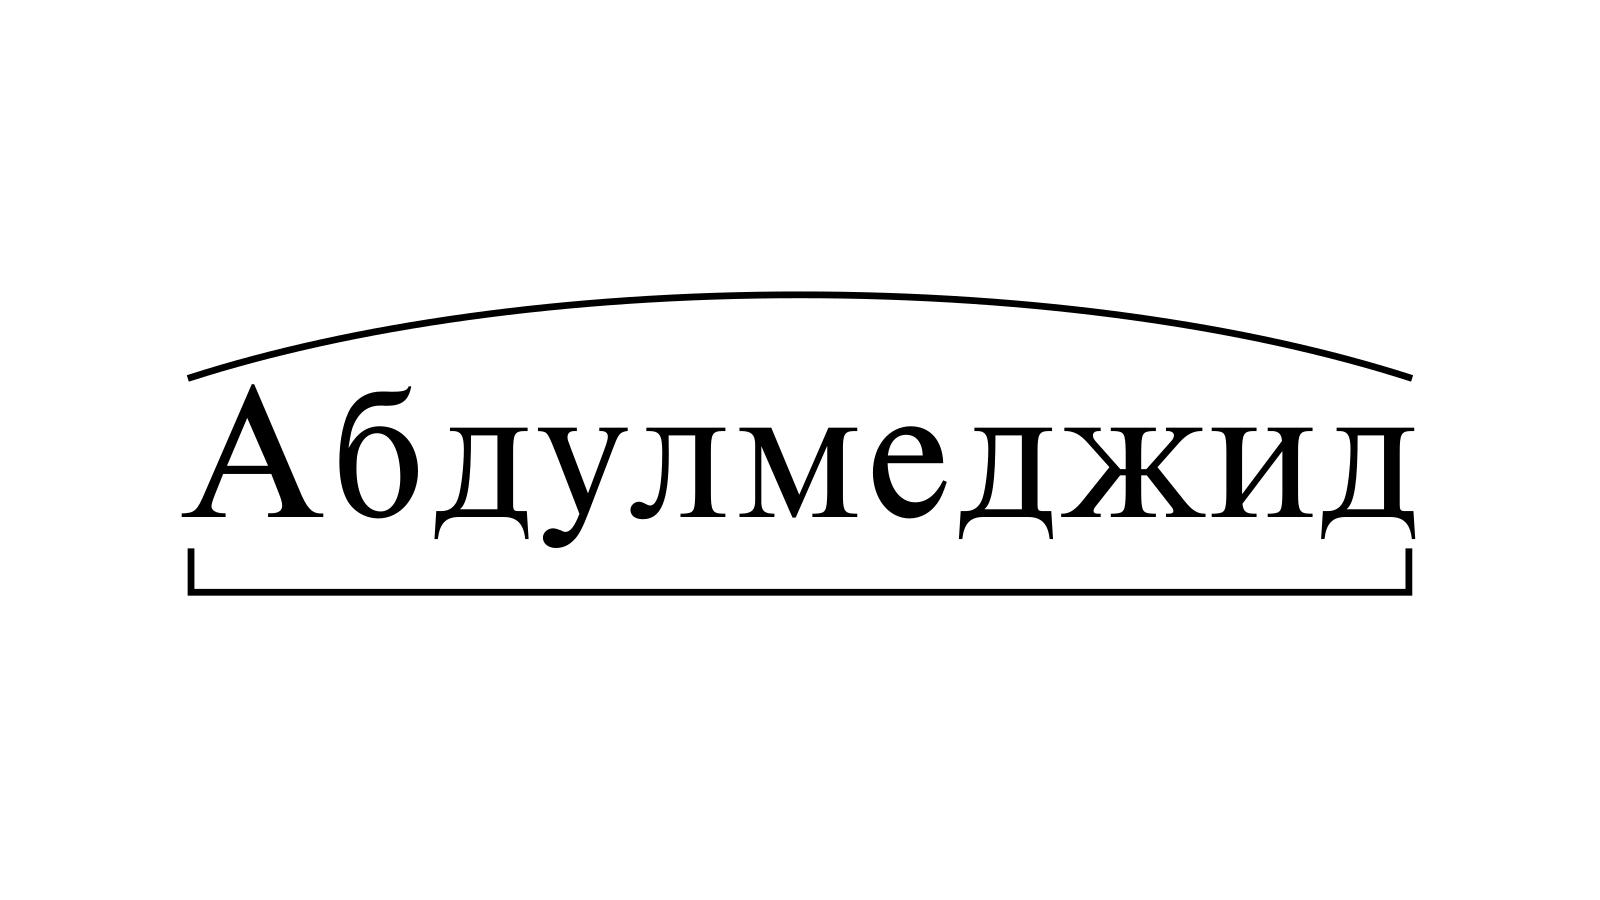 Разбор слова «Абдулмеджид» по составу